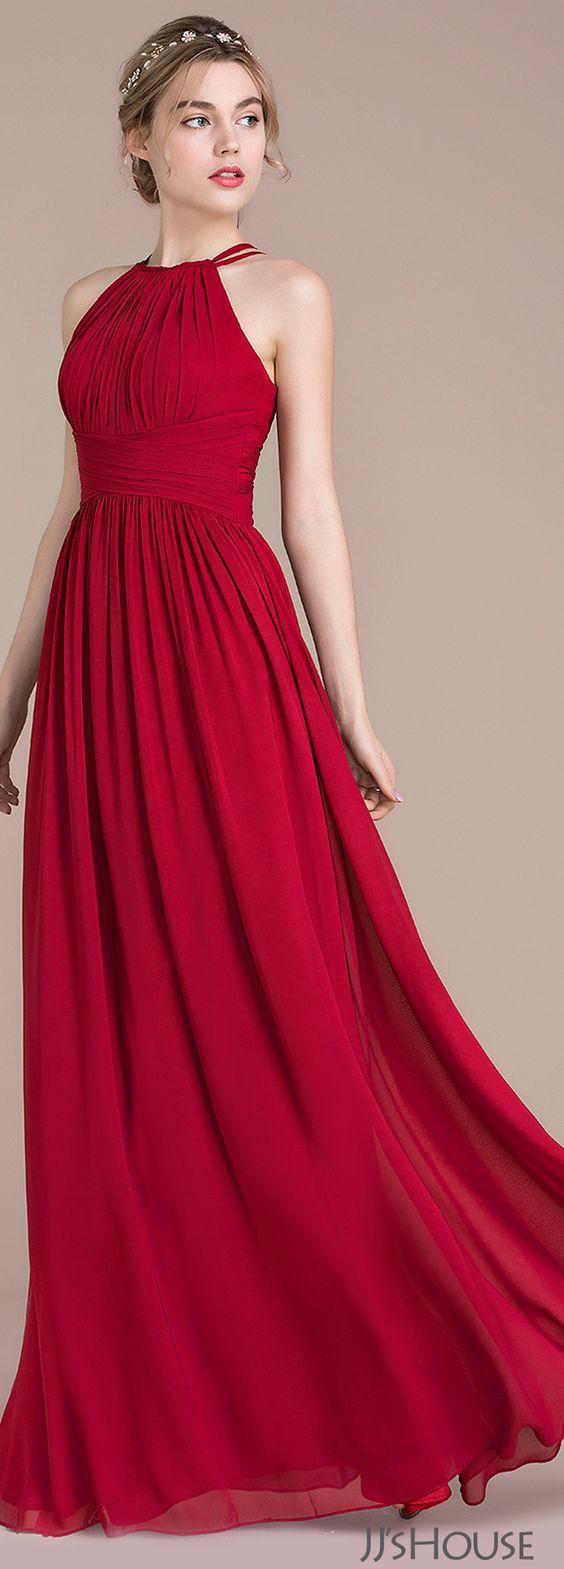 modelos vestidos dama vermelho